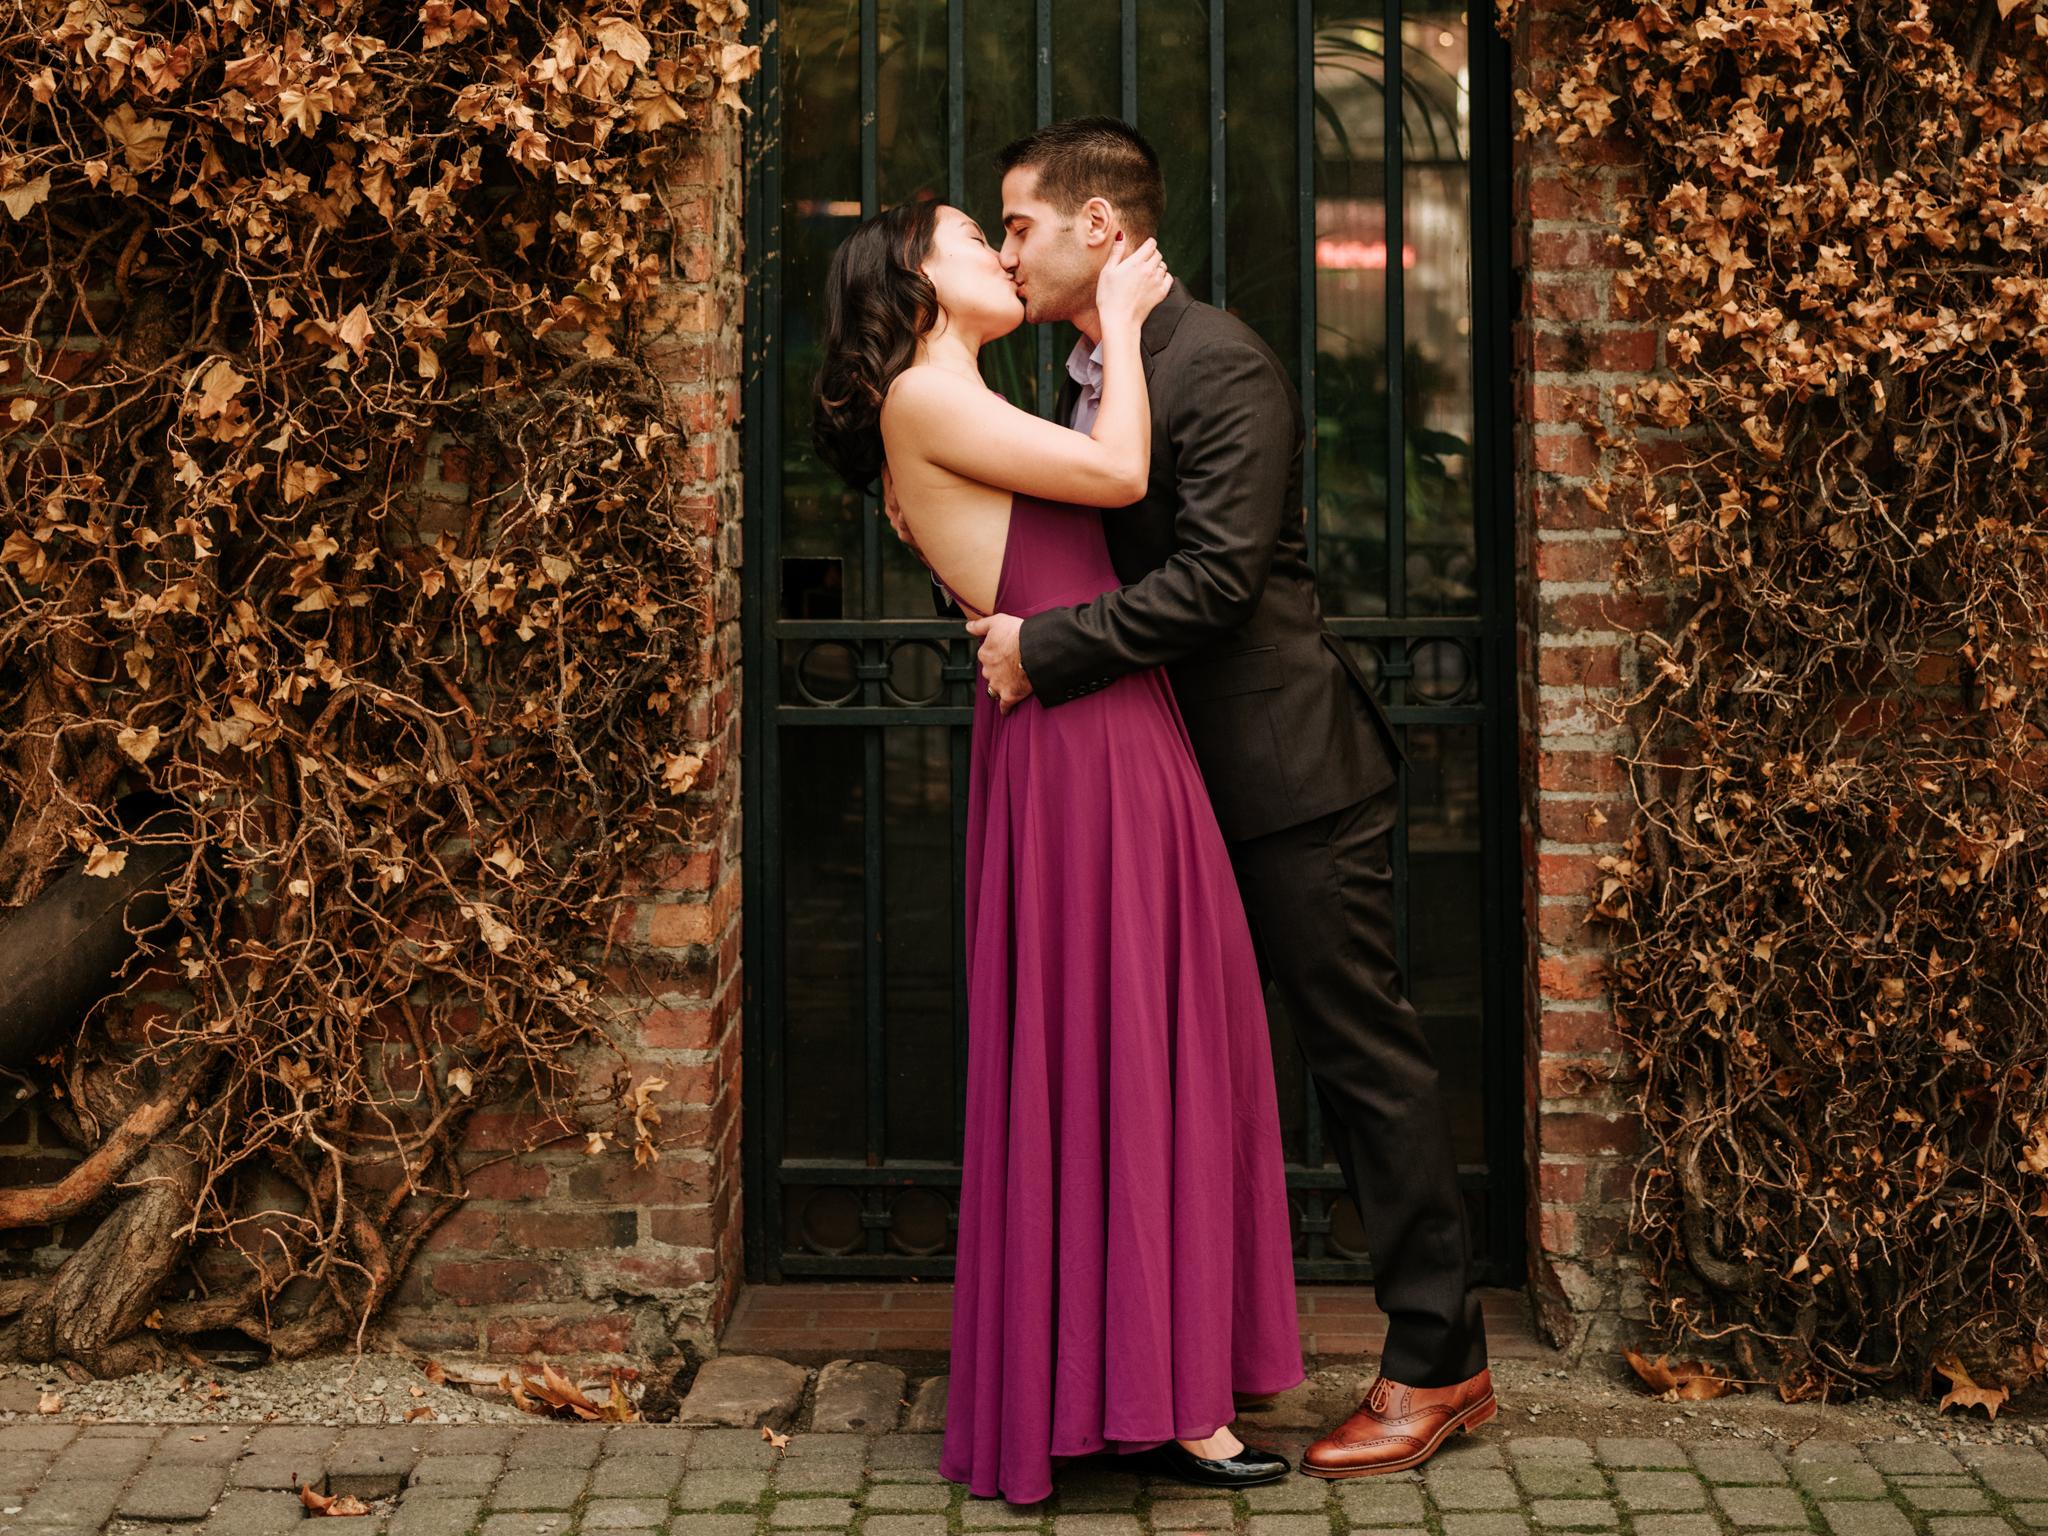 Seattle Engagement Photographer_Stolen Glimpses 11.jpg